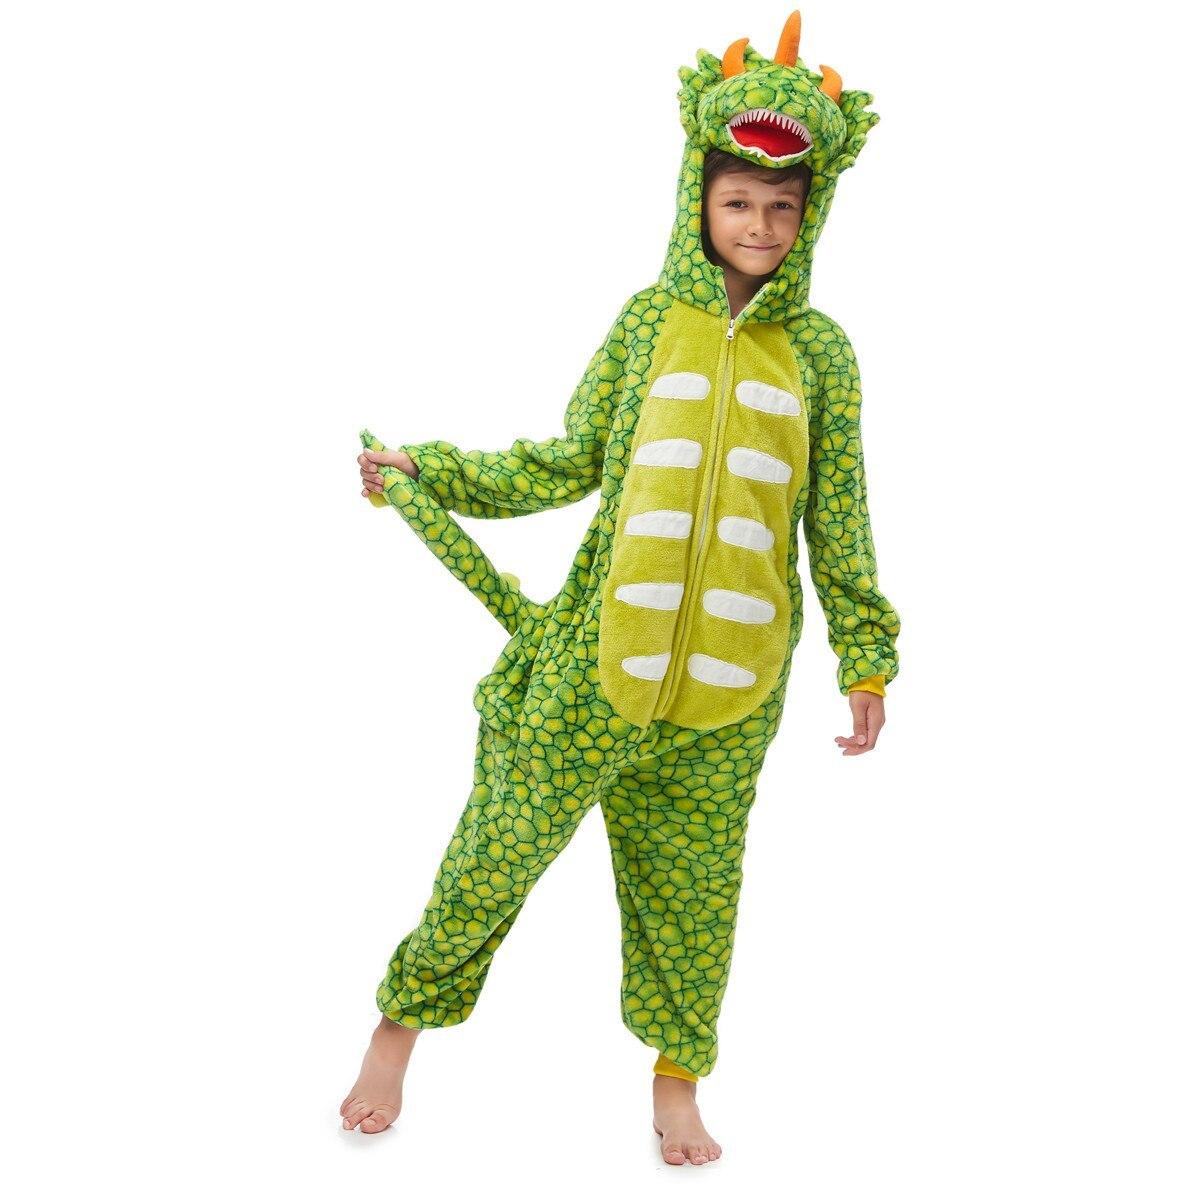 Пижамы для детей Трицератопс зеленый детский H7827919a64984379b32807fc9f0748e7i.jpg